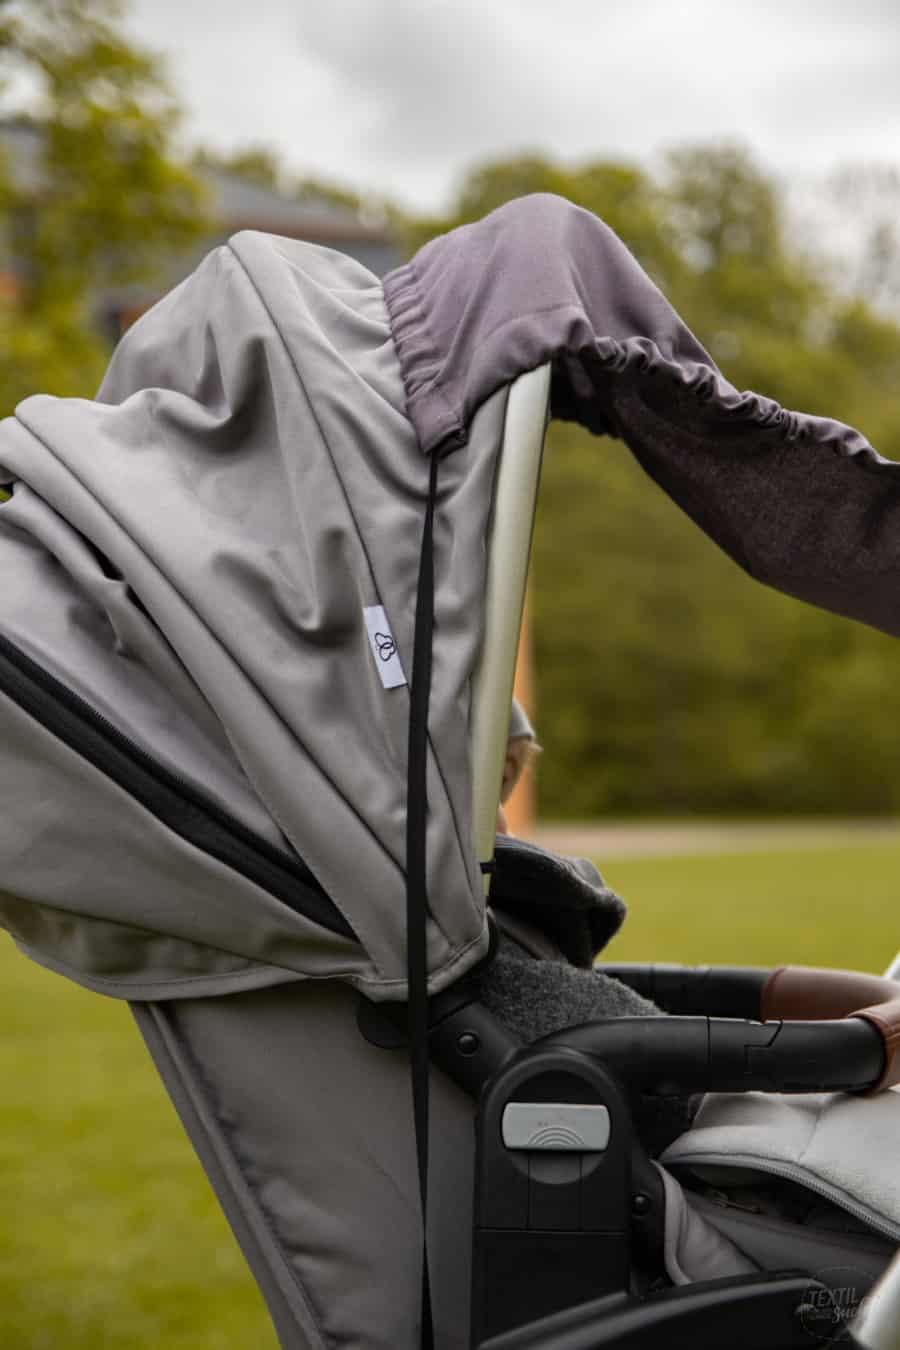 Sonnensegel für den Kinderwagen nähen: kostenloses Schnittmuster